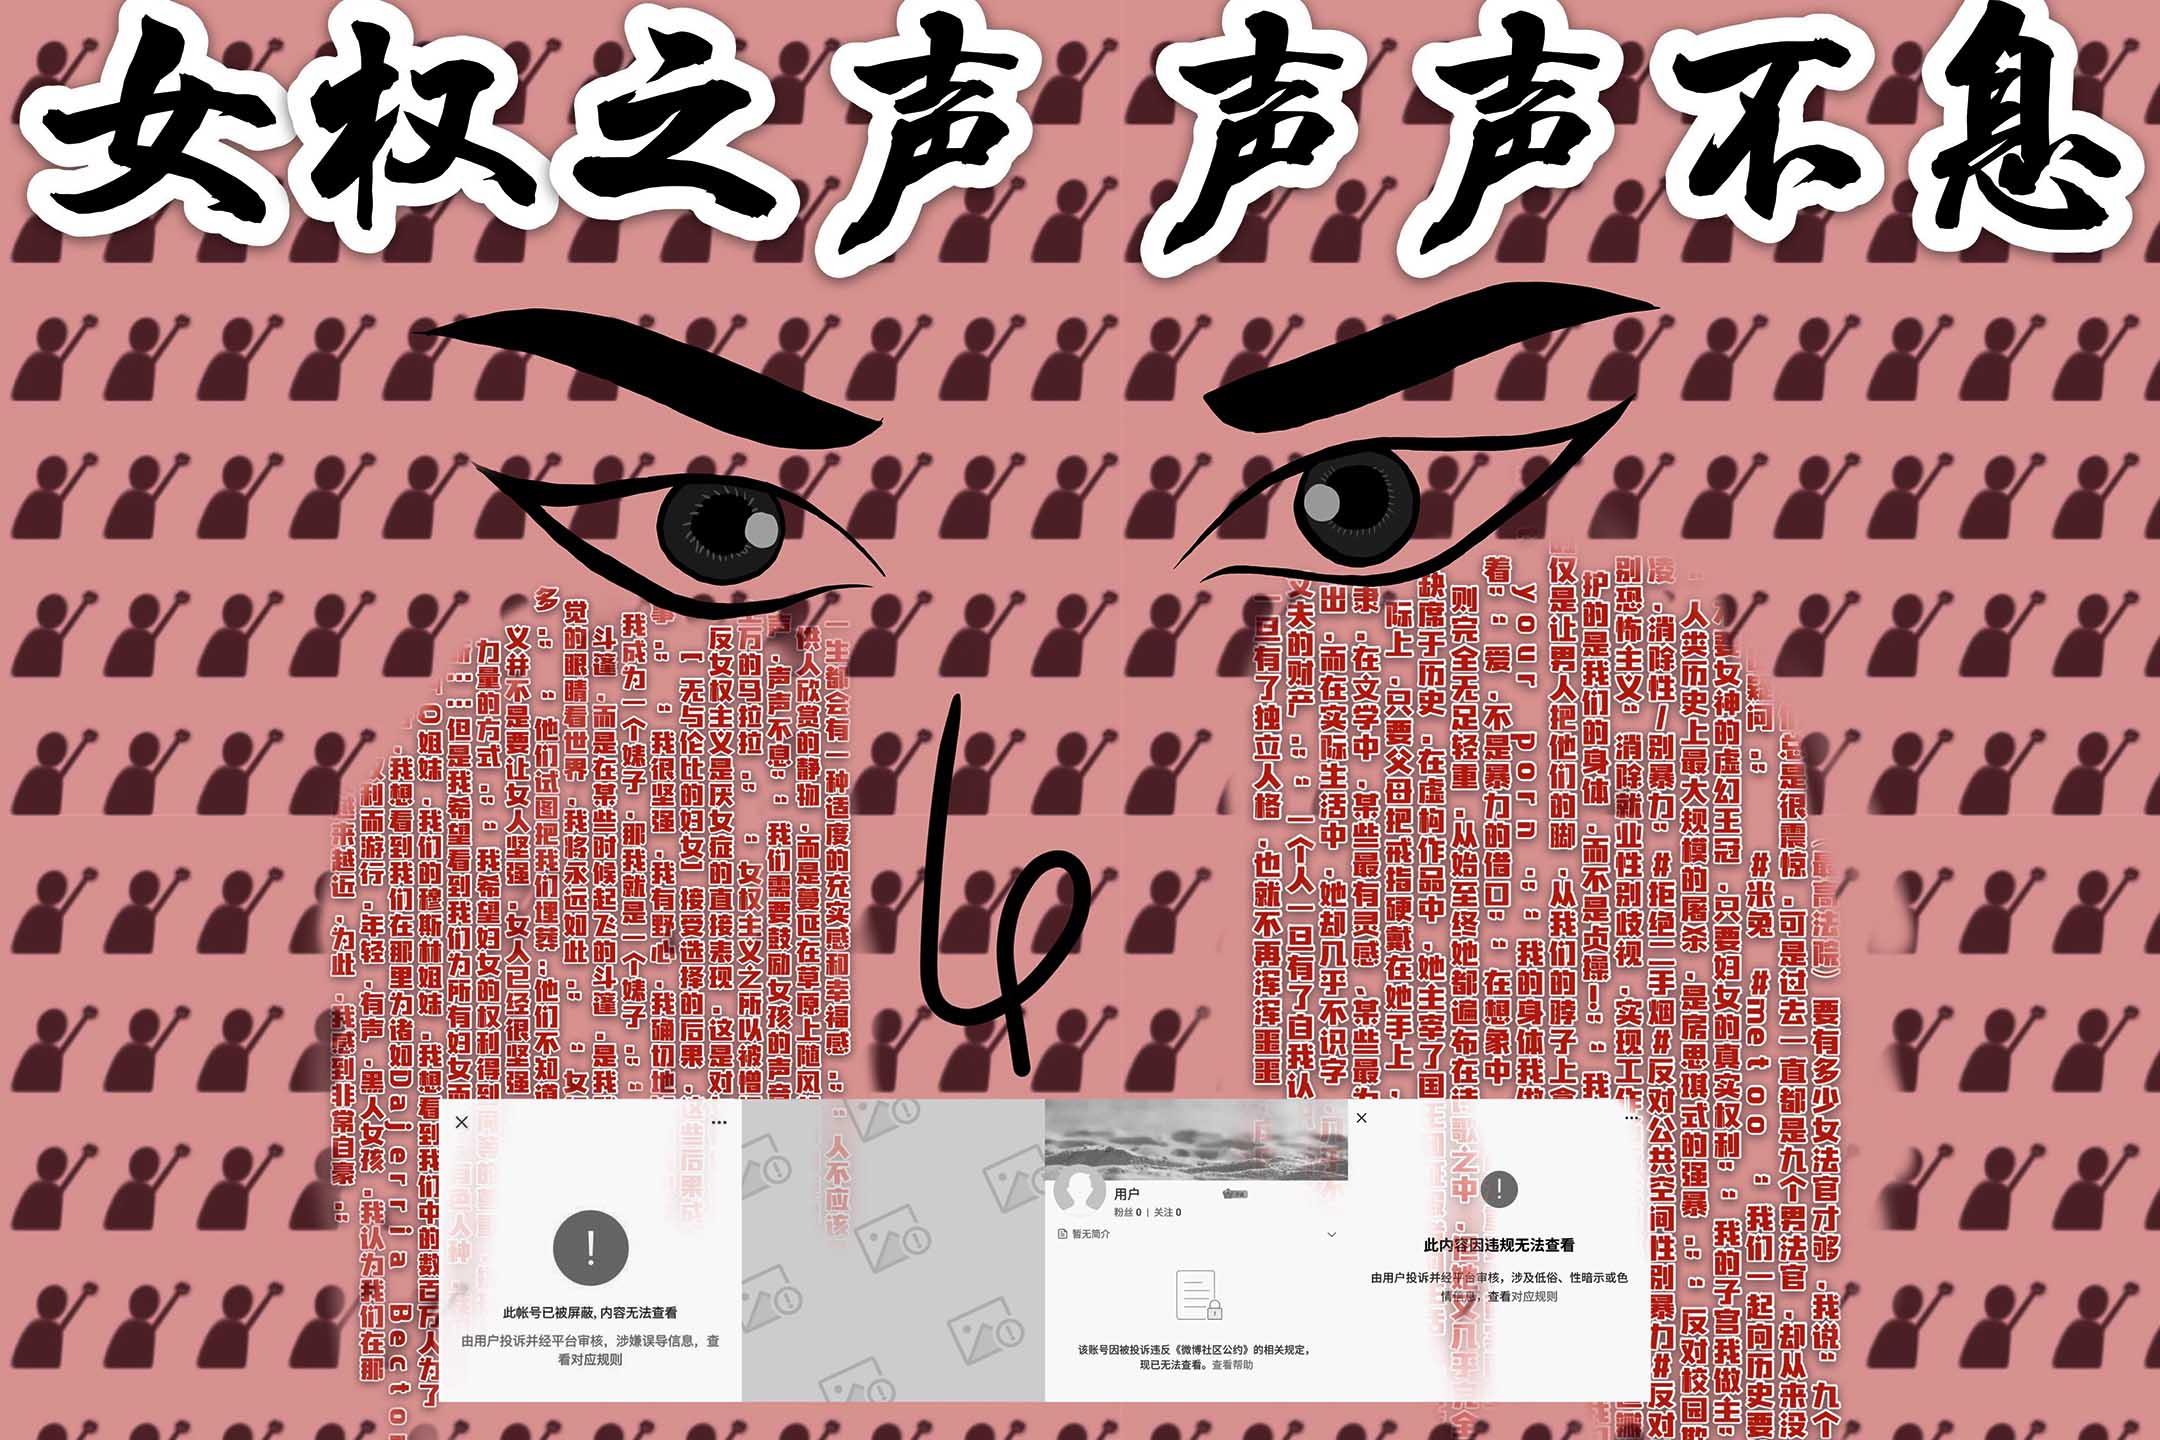 性平會的同學們發起行動「炸不掉的女性聲音」,在校園活動區域張貼海報。